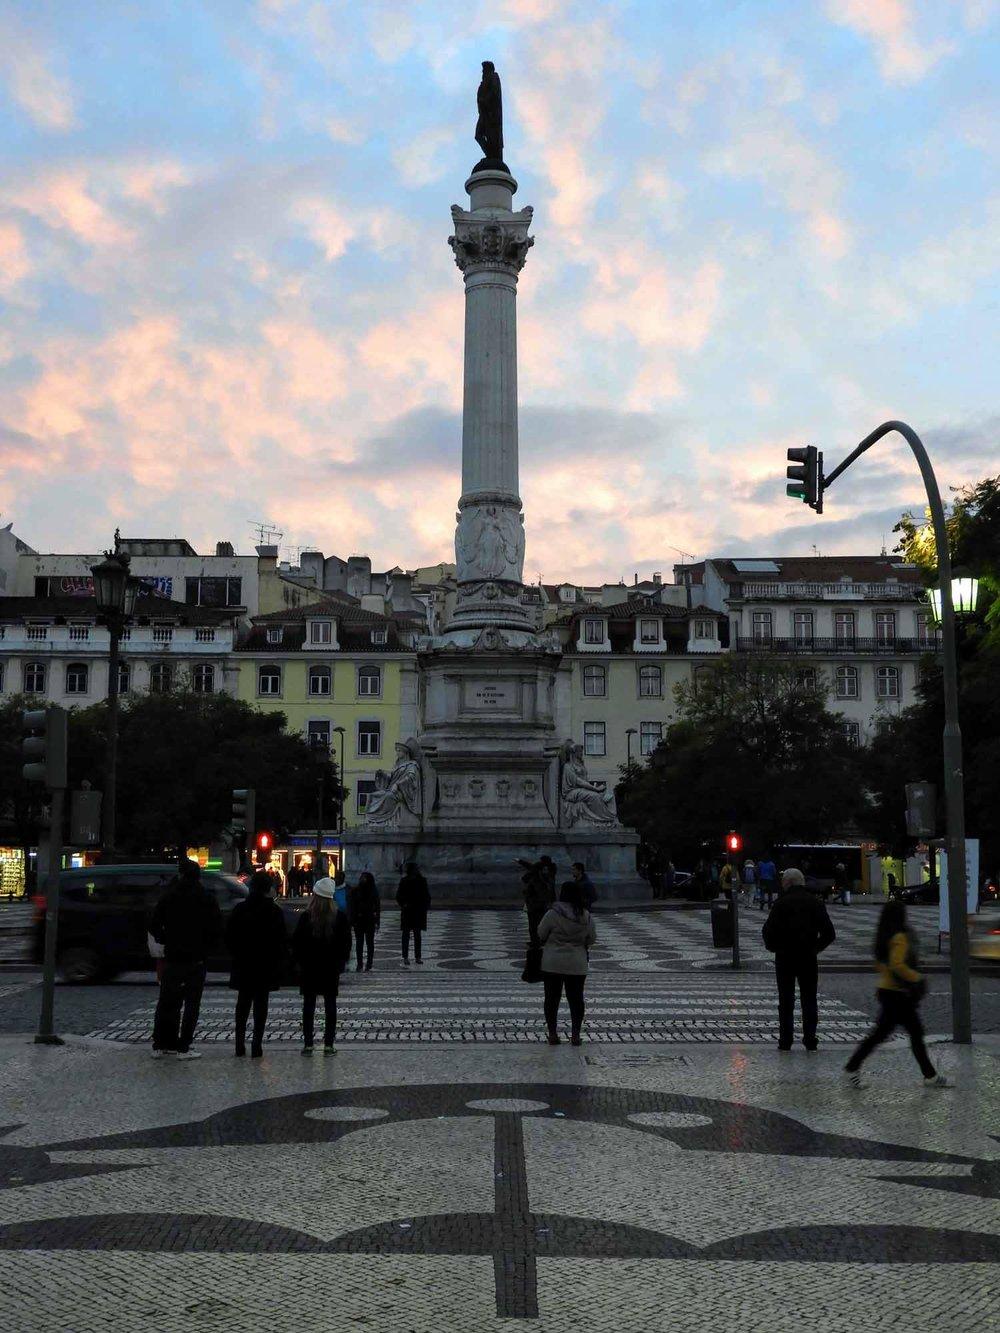 portugal-lisbon-lisboa-monumento-dos-restauradores.jpg